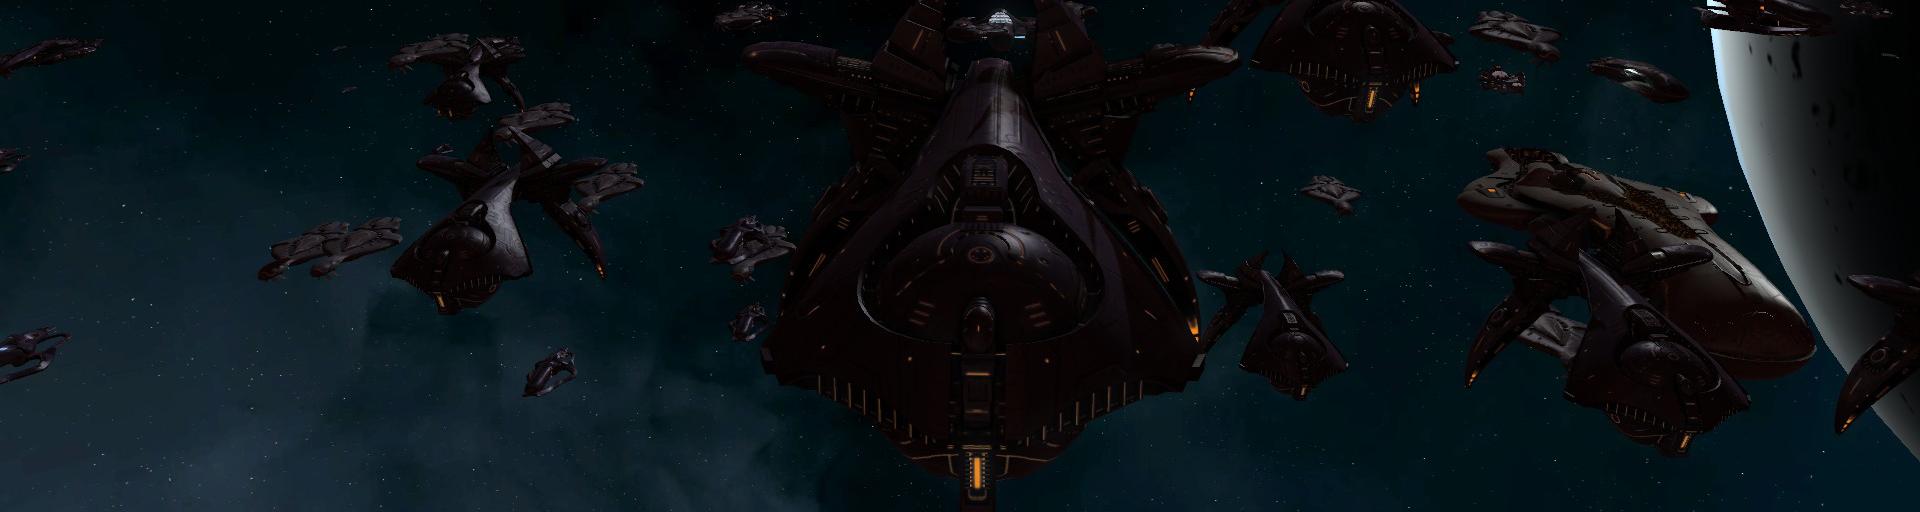 Cov Fleet